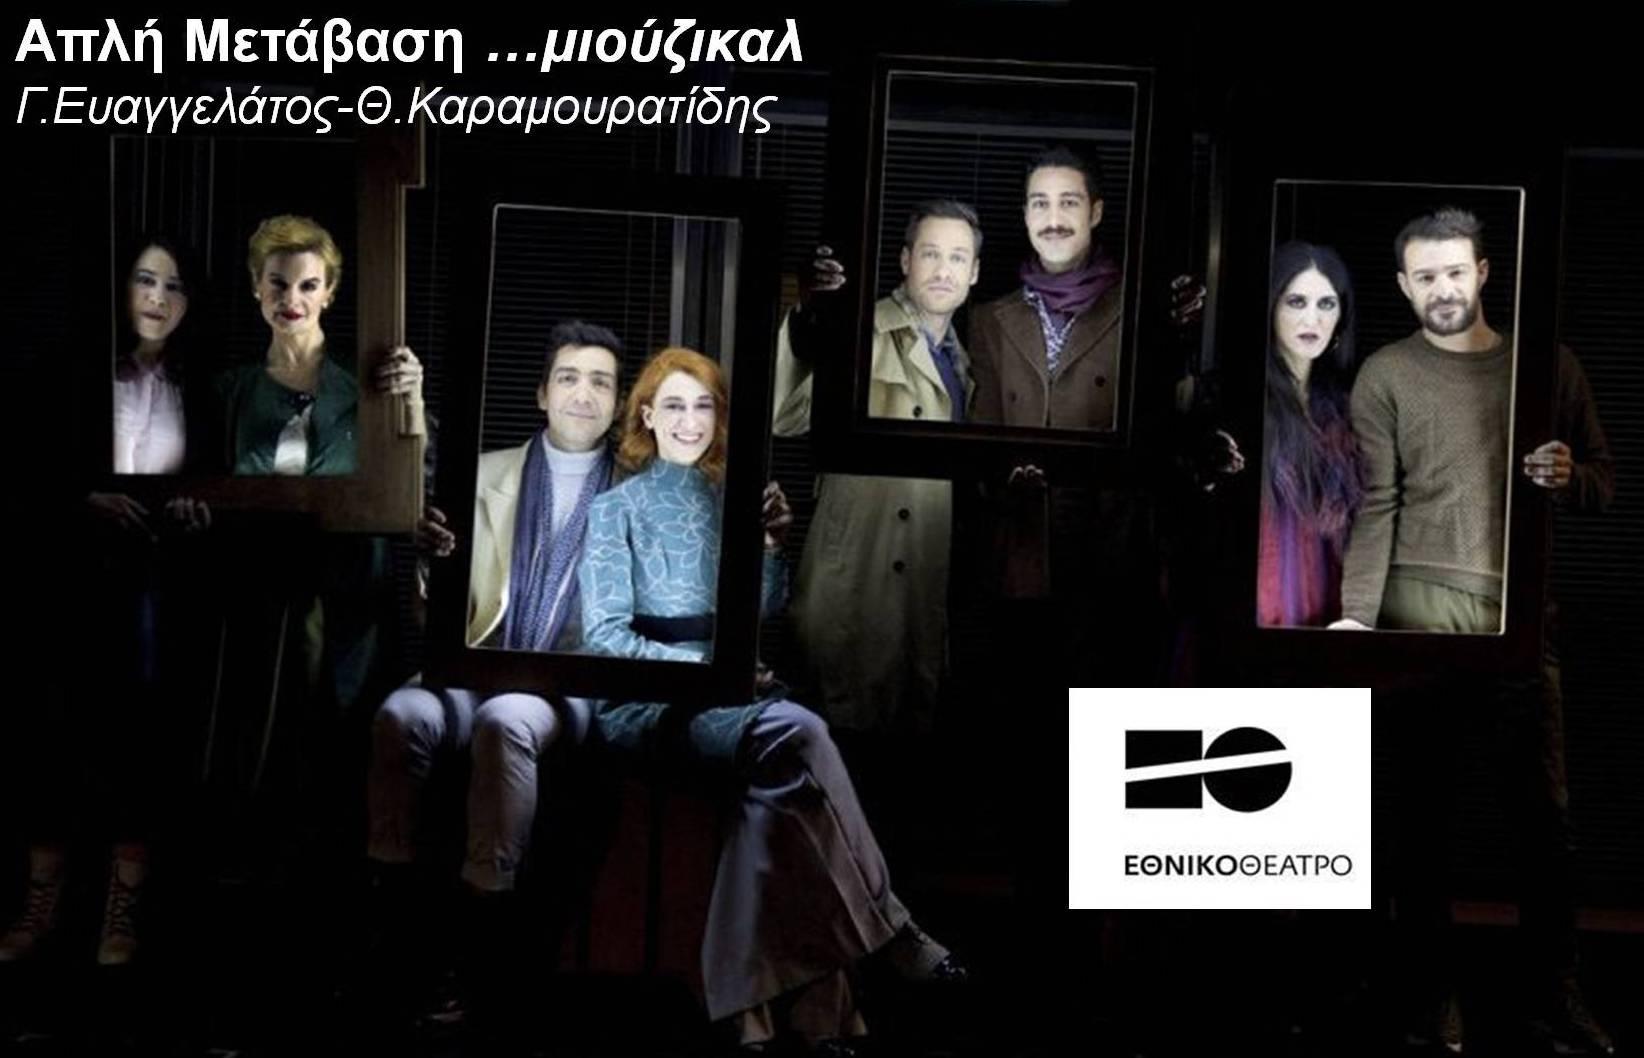 12€ από 15€ για είσοδο 1 ατόμου στο πολυαναμενόμενο μιούζικαλ ''Απλή μετάβαση'' του Γεράσιμου Ευαγγελάτου σε μουσική Θέμη Καραμουρατίδη, από το ΕΘΝΙΚΟ ΘΕΑΤΡΟ στην σκηνή Ν.Κούρκουλος! Με τους Κωνσταντίνο Ασπιώτη, Μαρίζα Ρίζου, Κωνσταντίνο Γαβαλά, Μαρία Διακοπαναγιώτου κα